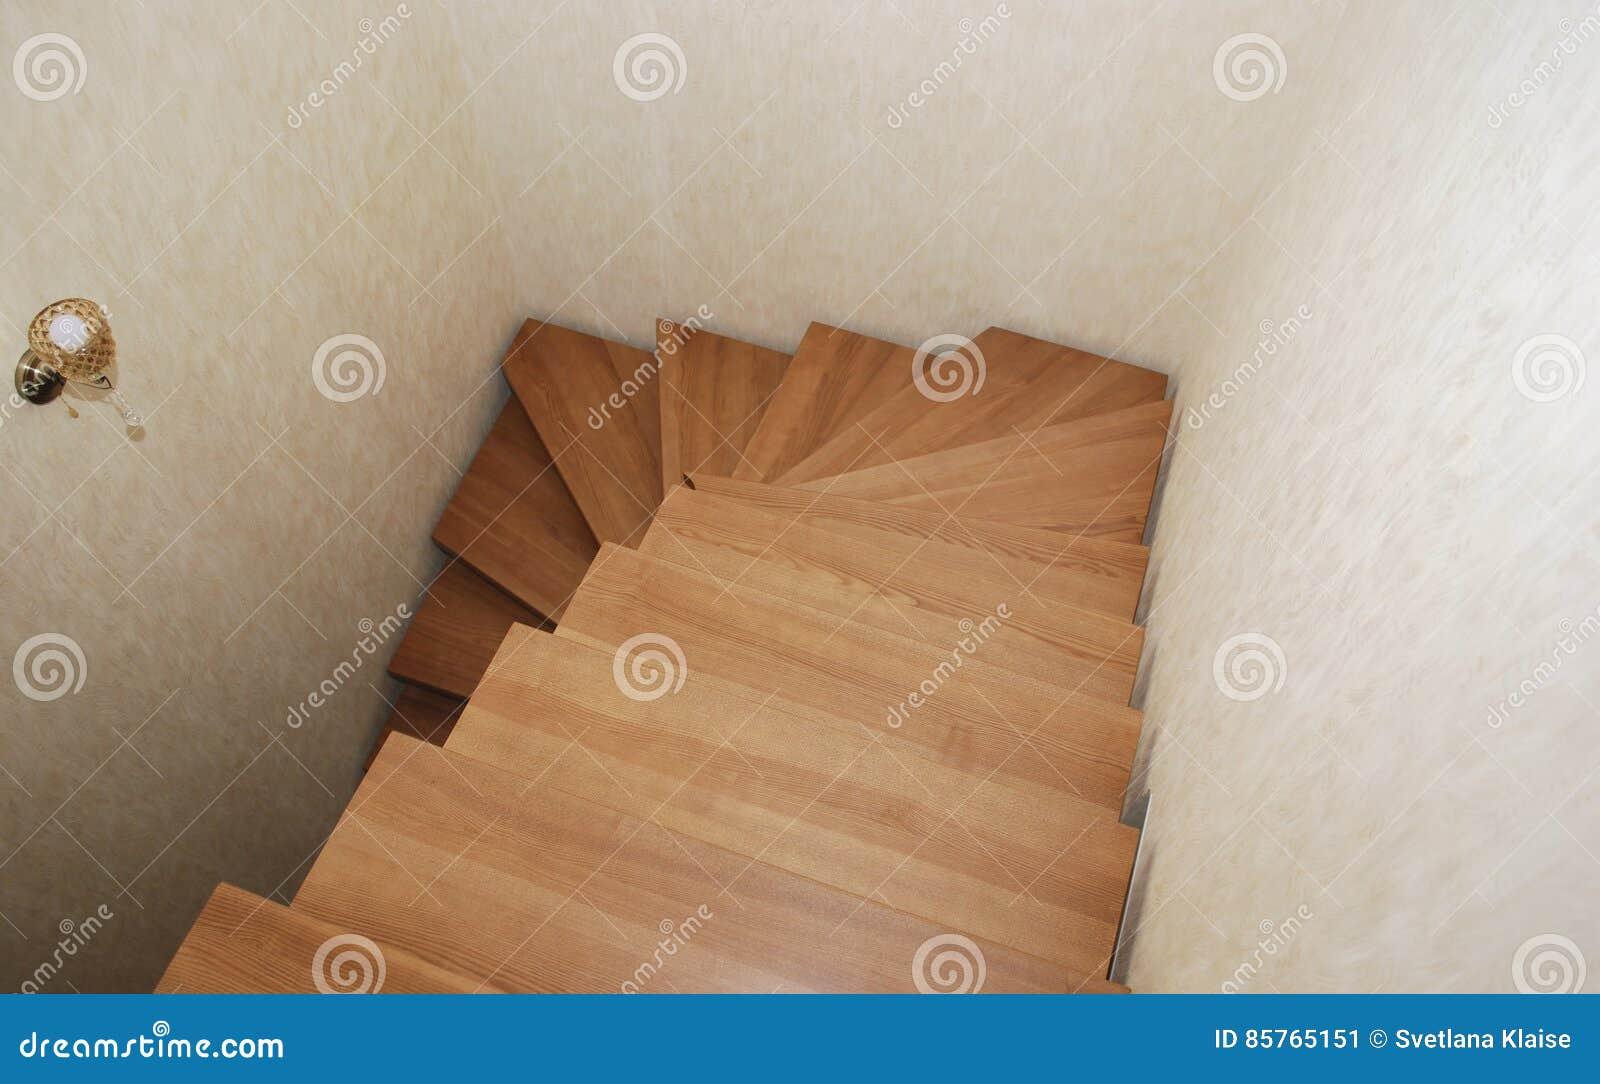 Wundervoll Treppen Im Haus Galerie Von Pattern Hölzerne Der Bau Der Treppe Stockbild